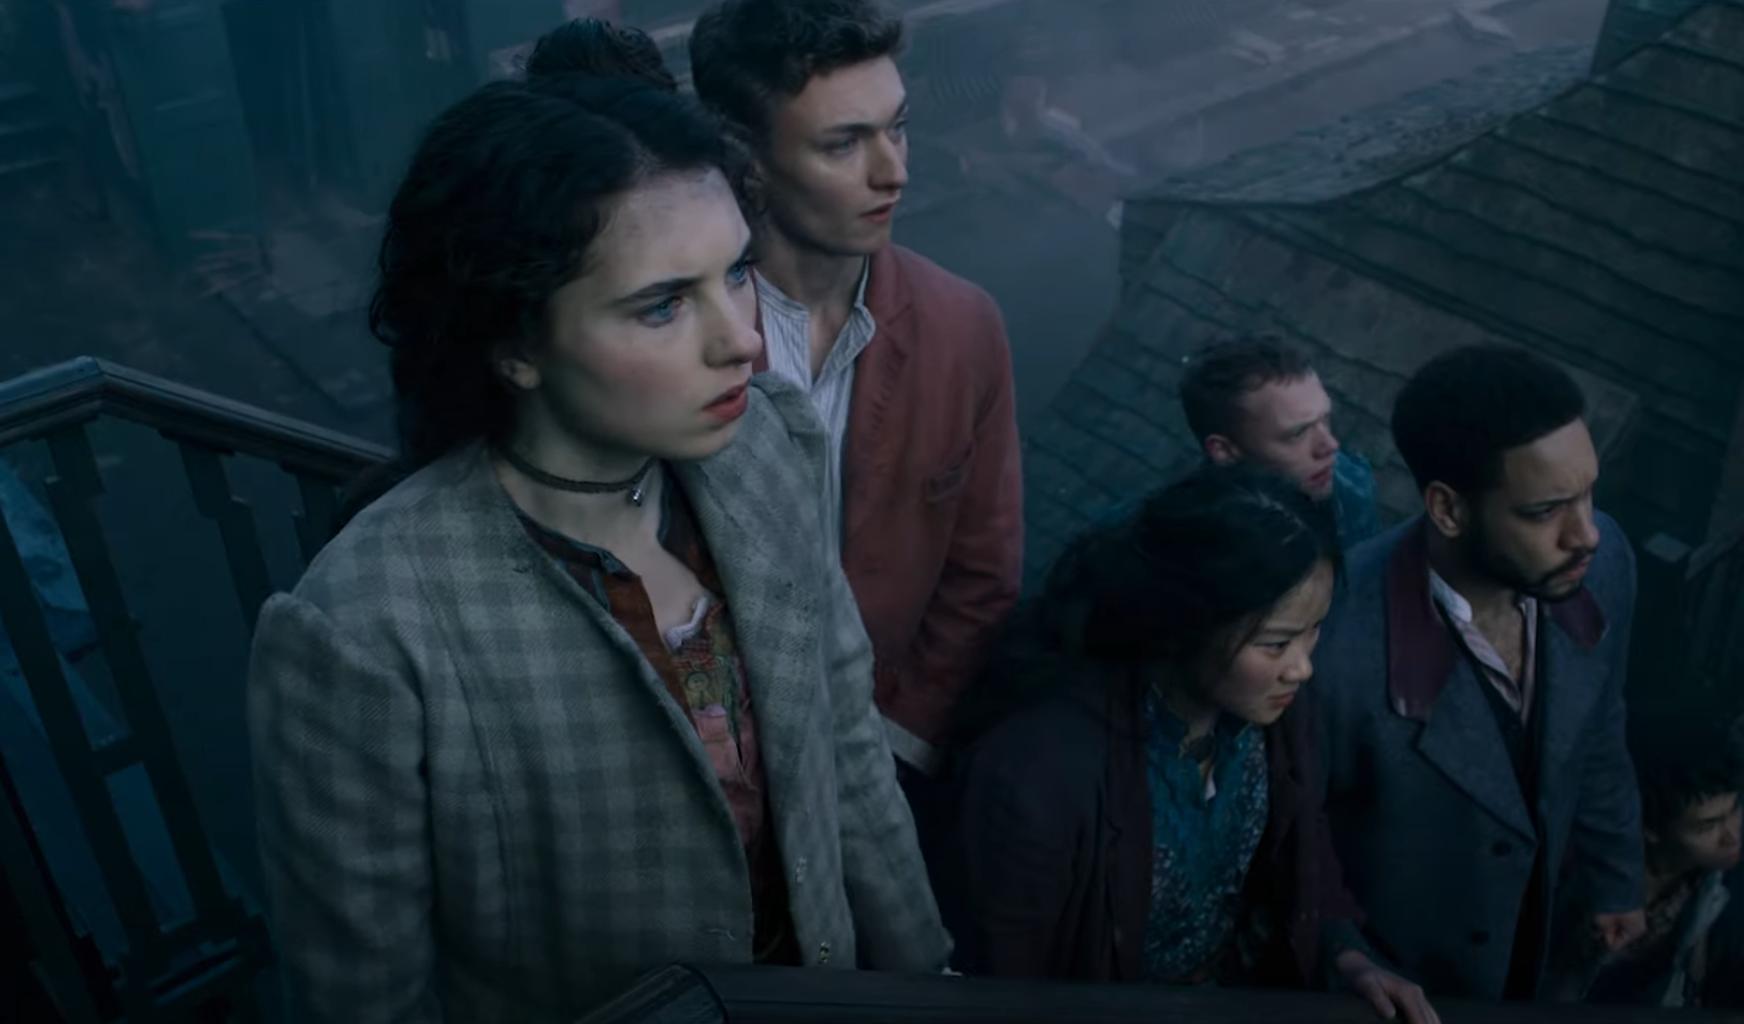 «Шерлок Холмс уже не существует» — трейлер сериала «Нерегулярные части»